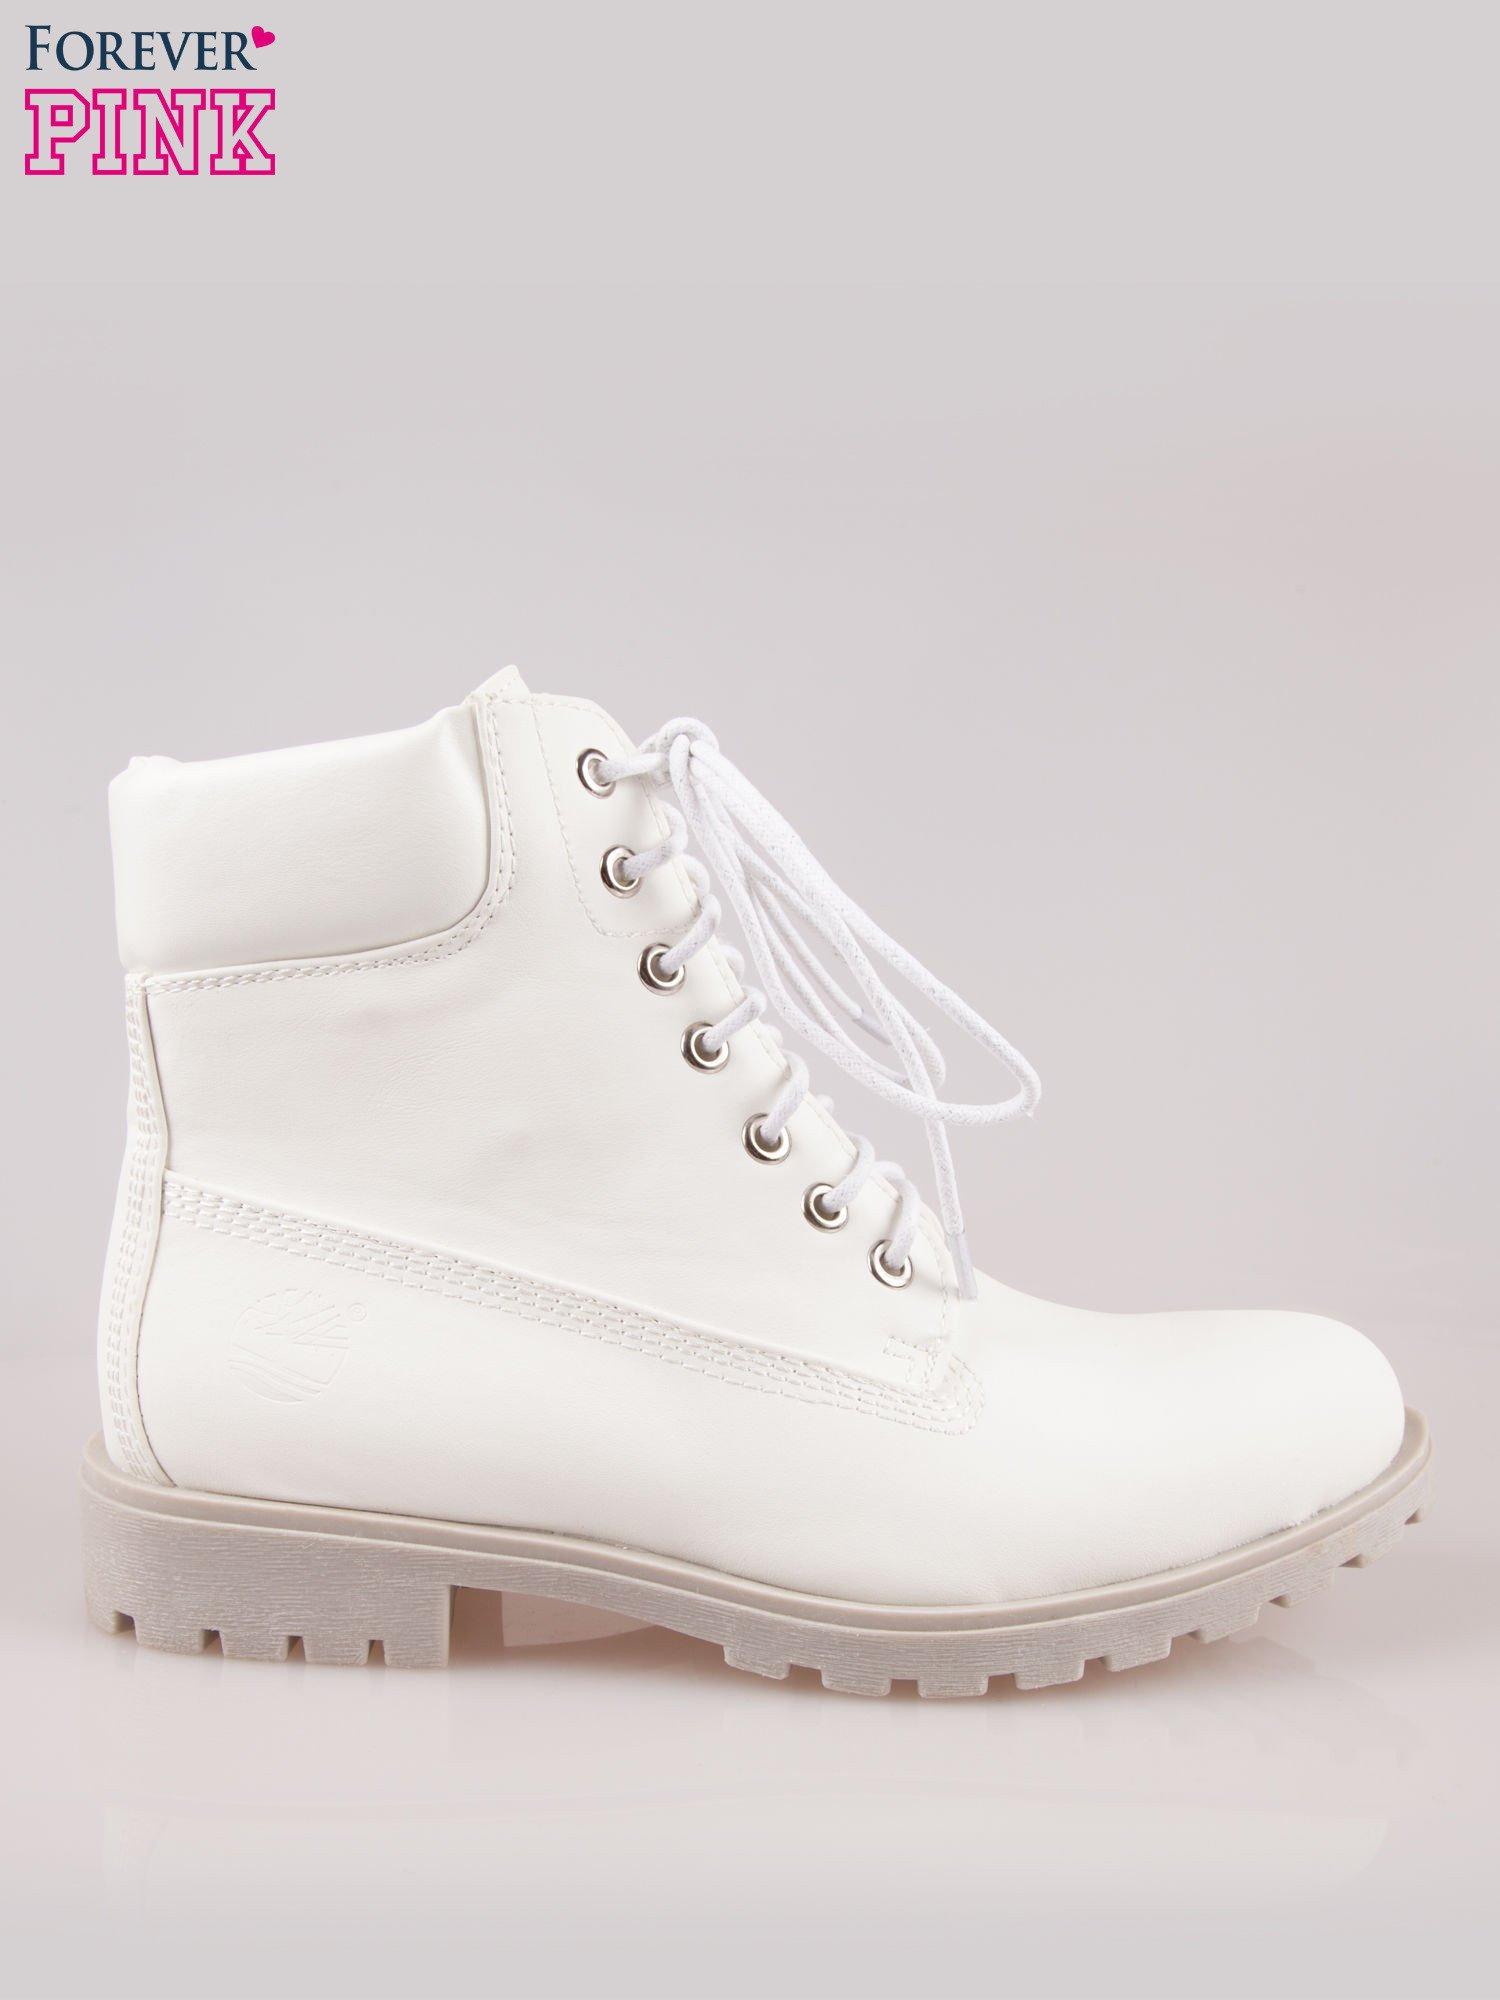 Białe buty trekkingowe damskie                                  zdj.                                  1